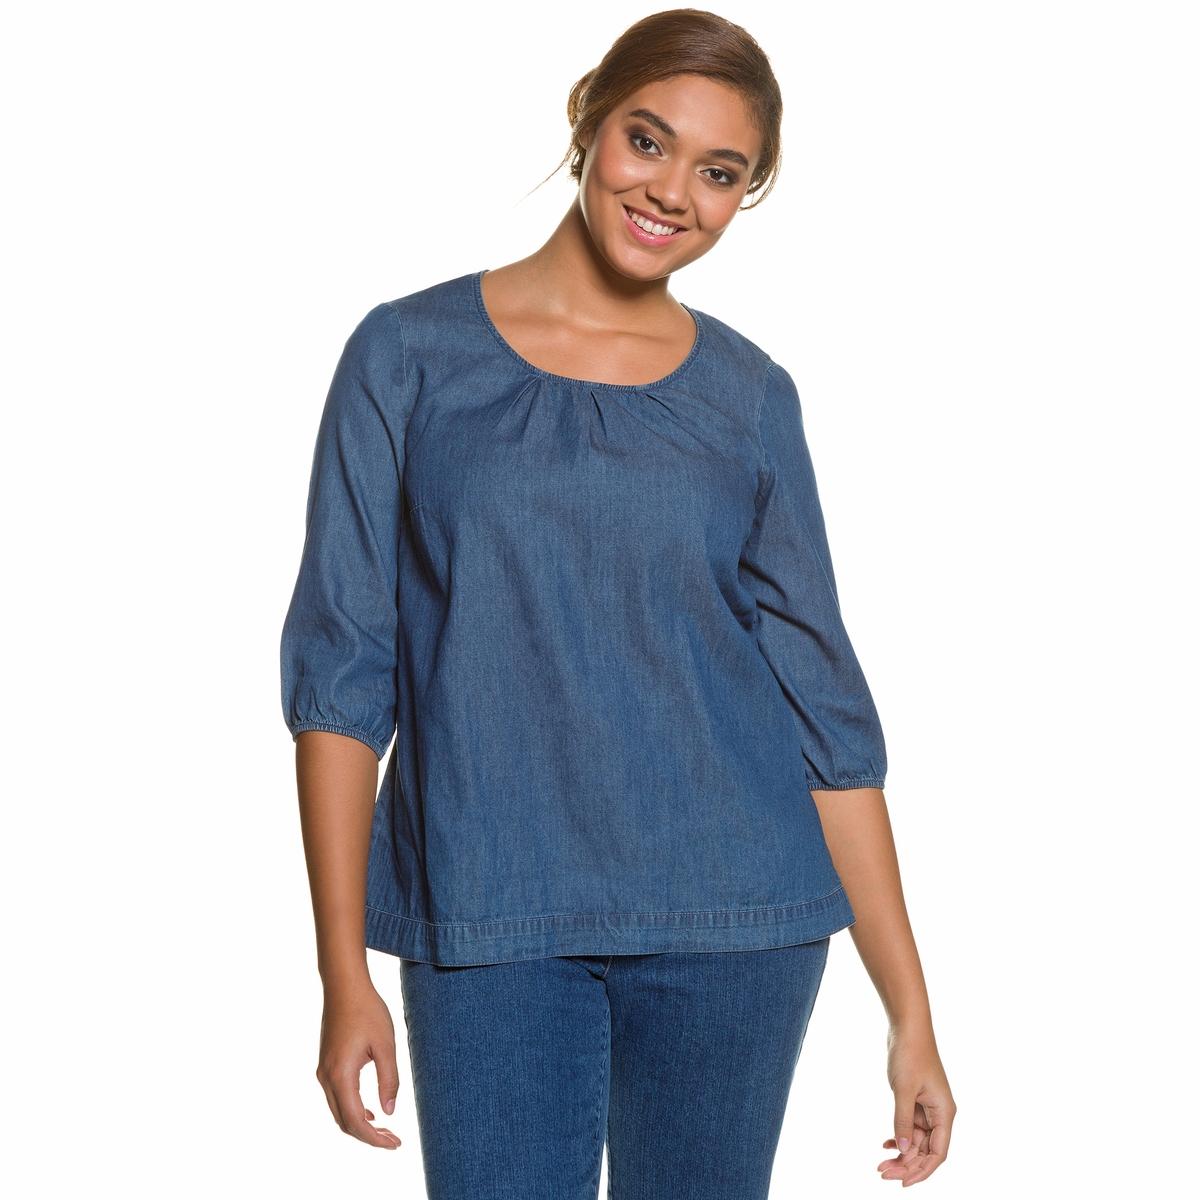 БлузкаМягкая блузка из денима ULLA POPKEN. Свободный круглый вырез, низ с кулиской и рукава 3/4 с краями на резинке. 100% хлопок. Длина в зависимости от размера. 68-78 см<br><br>Цвет: синий джинсовый<br>Размер: 48/50 (FR) - 54/56 (RUS)